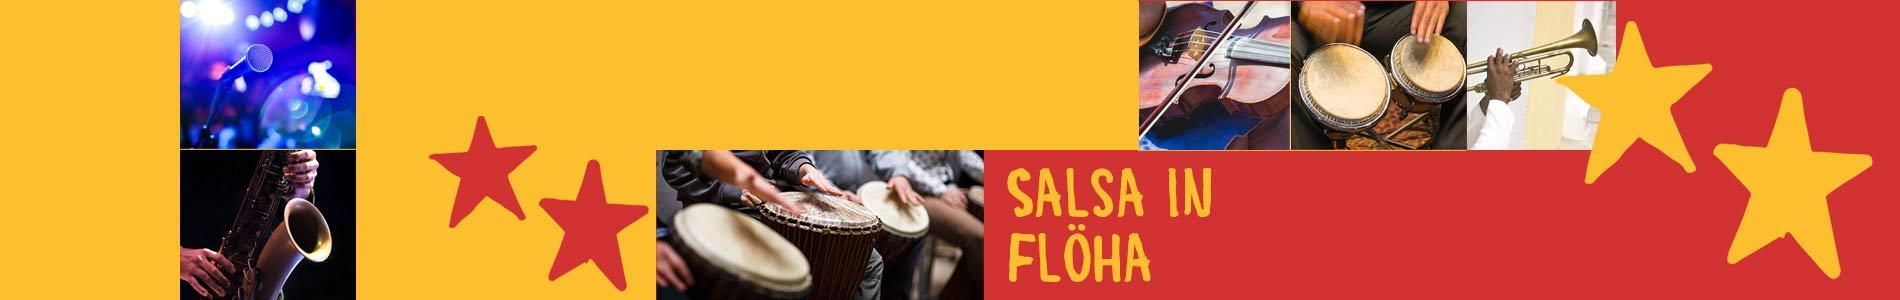 Salsa in Flöha – Salsa lernen und tanzen, Tanzkurse, Partys, Veranstaltungen